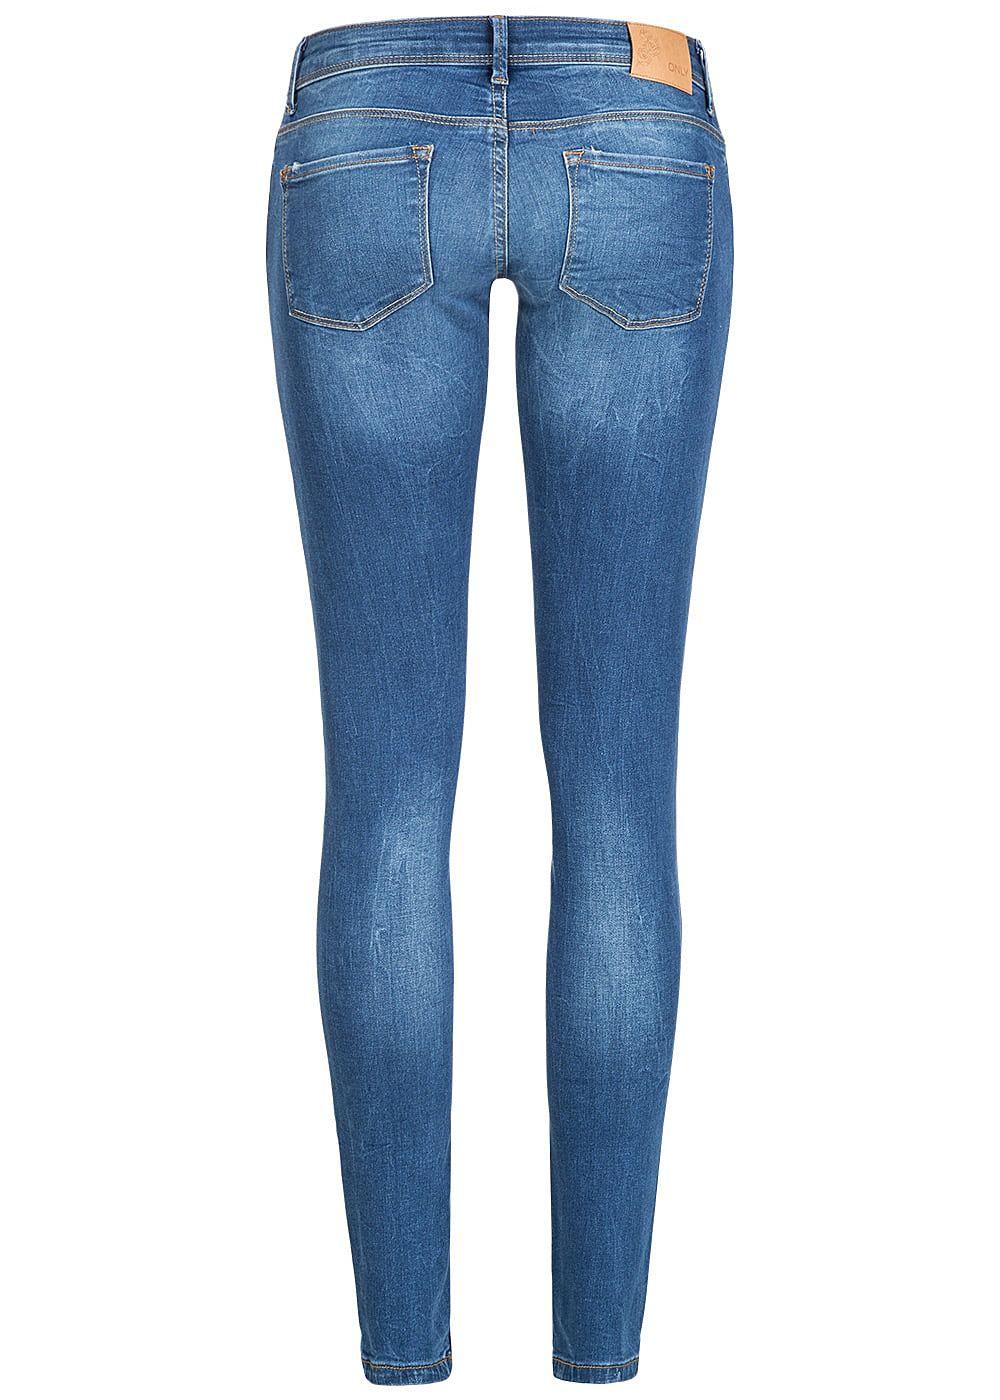 only damen skinny jeans hose 5 pockets super low waist. Black Bedroom Furniture Sets. Home Design Ideas